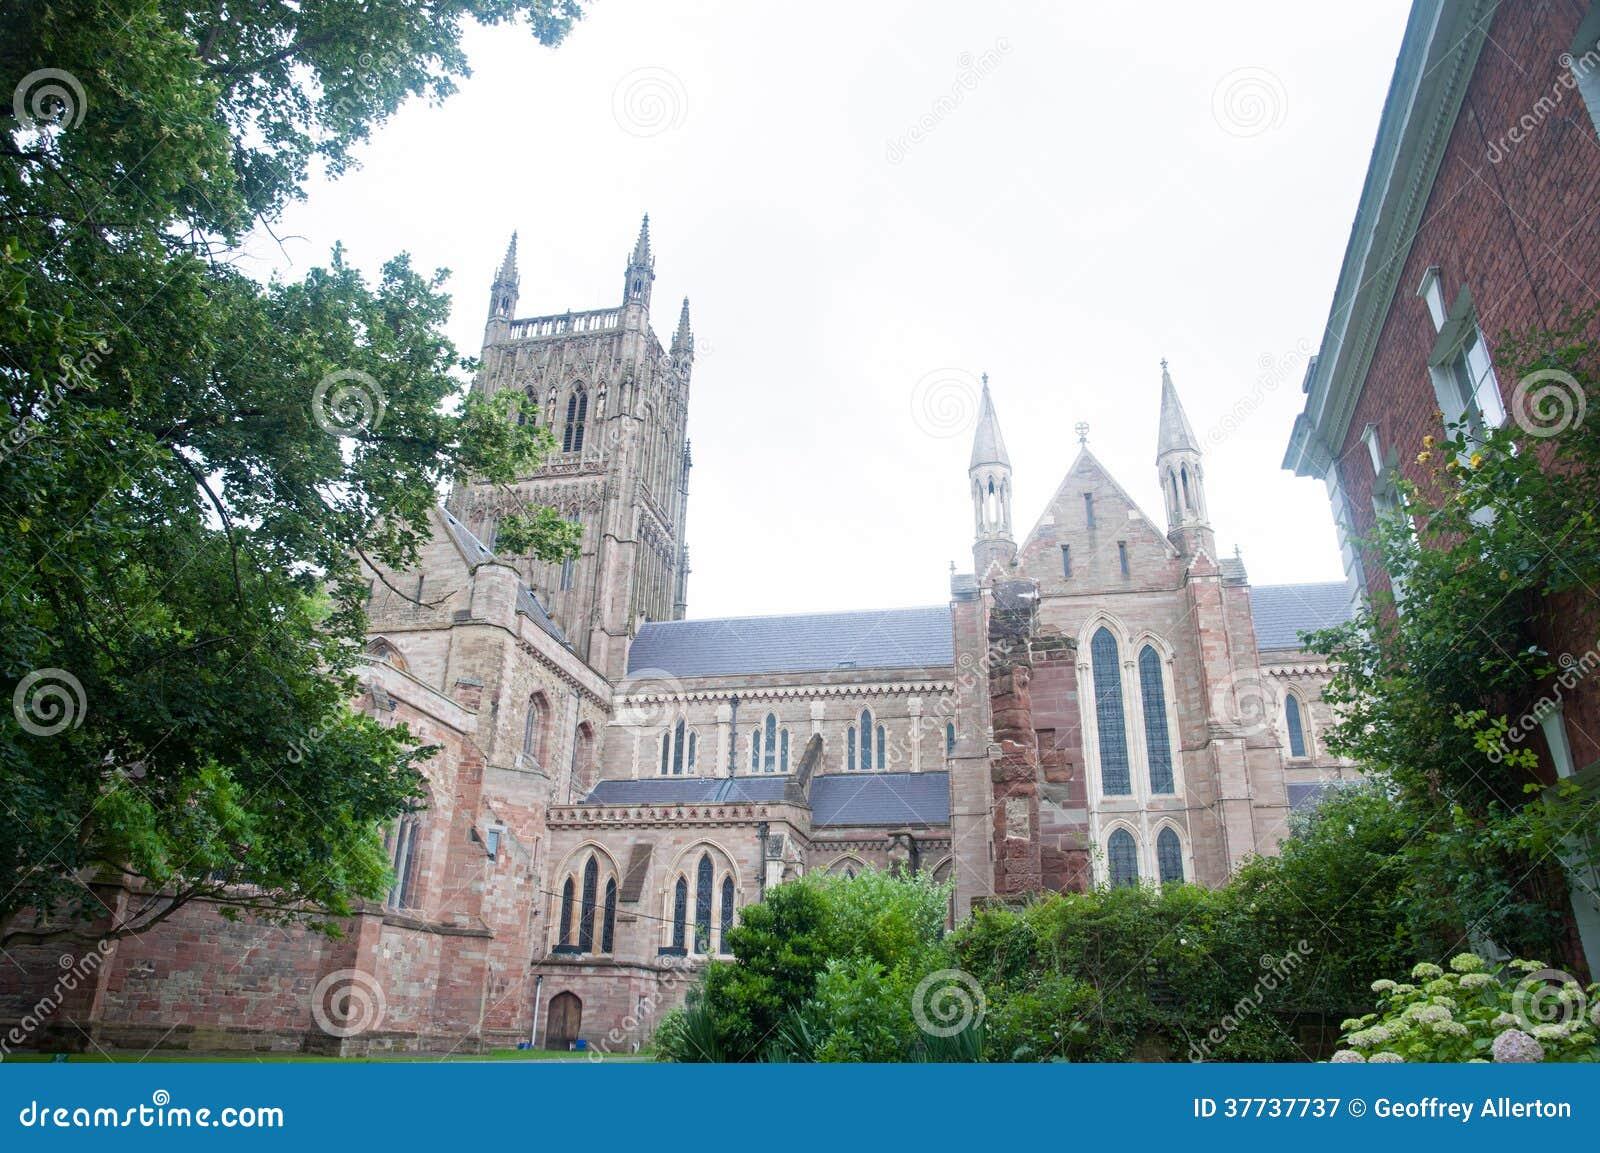 Kathedraal door de bomen